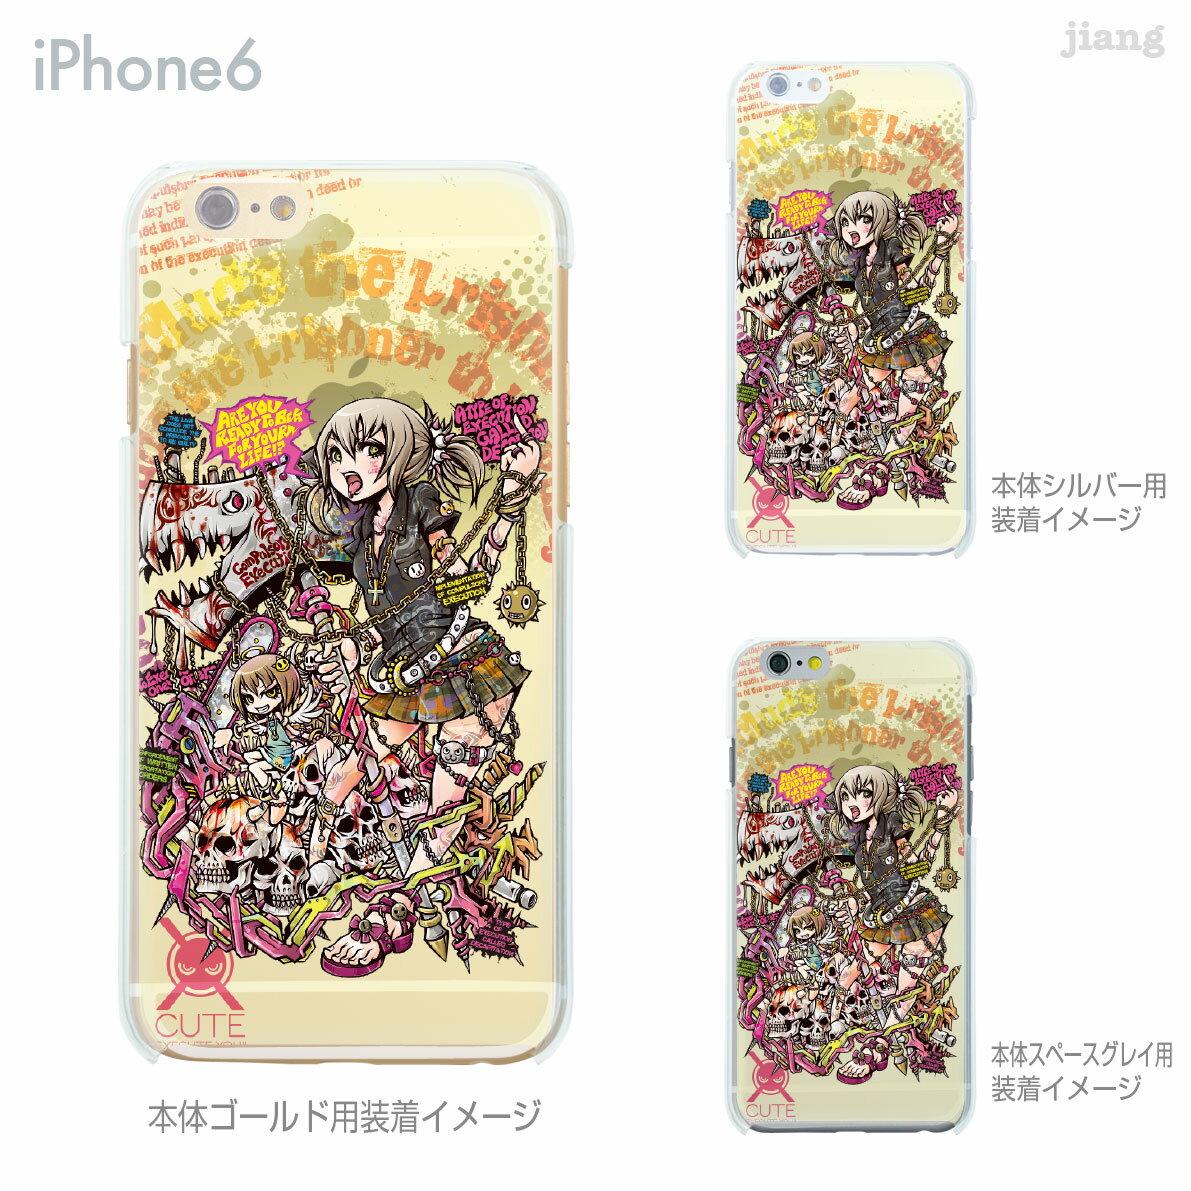 iPhoneX iPhone X ケース iPhone8 iPhone7ケース iPhone7 Plus iPhone6s iPhone6 Plus iphone ハードケース Clear Arts ケース カバー スマホケース クリアケース Project.C.K. 断罪 11-ip6-ca0024-s